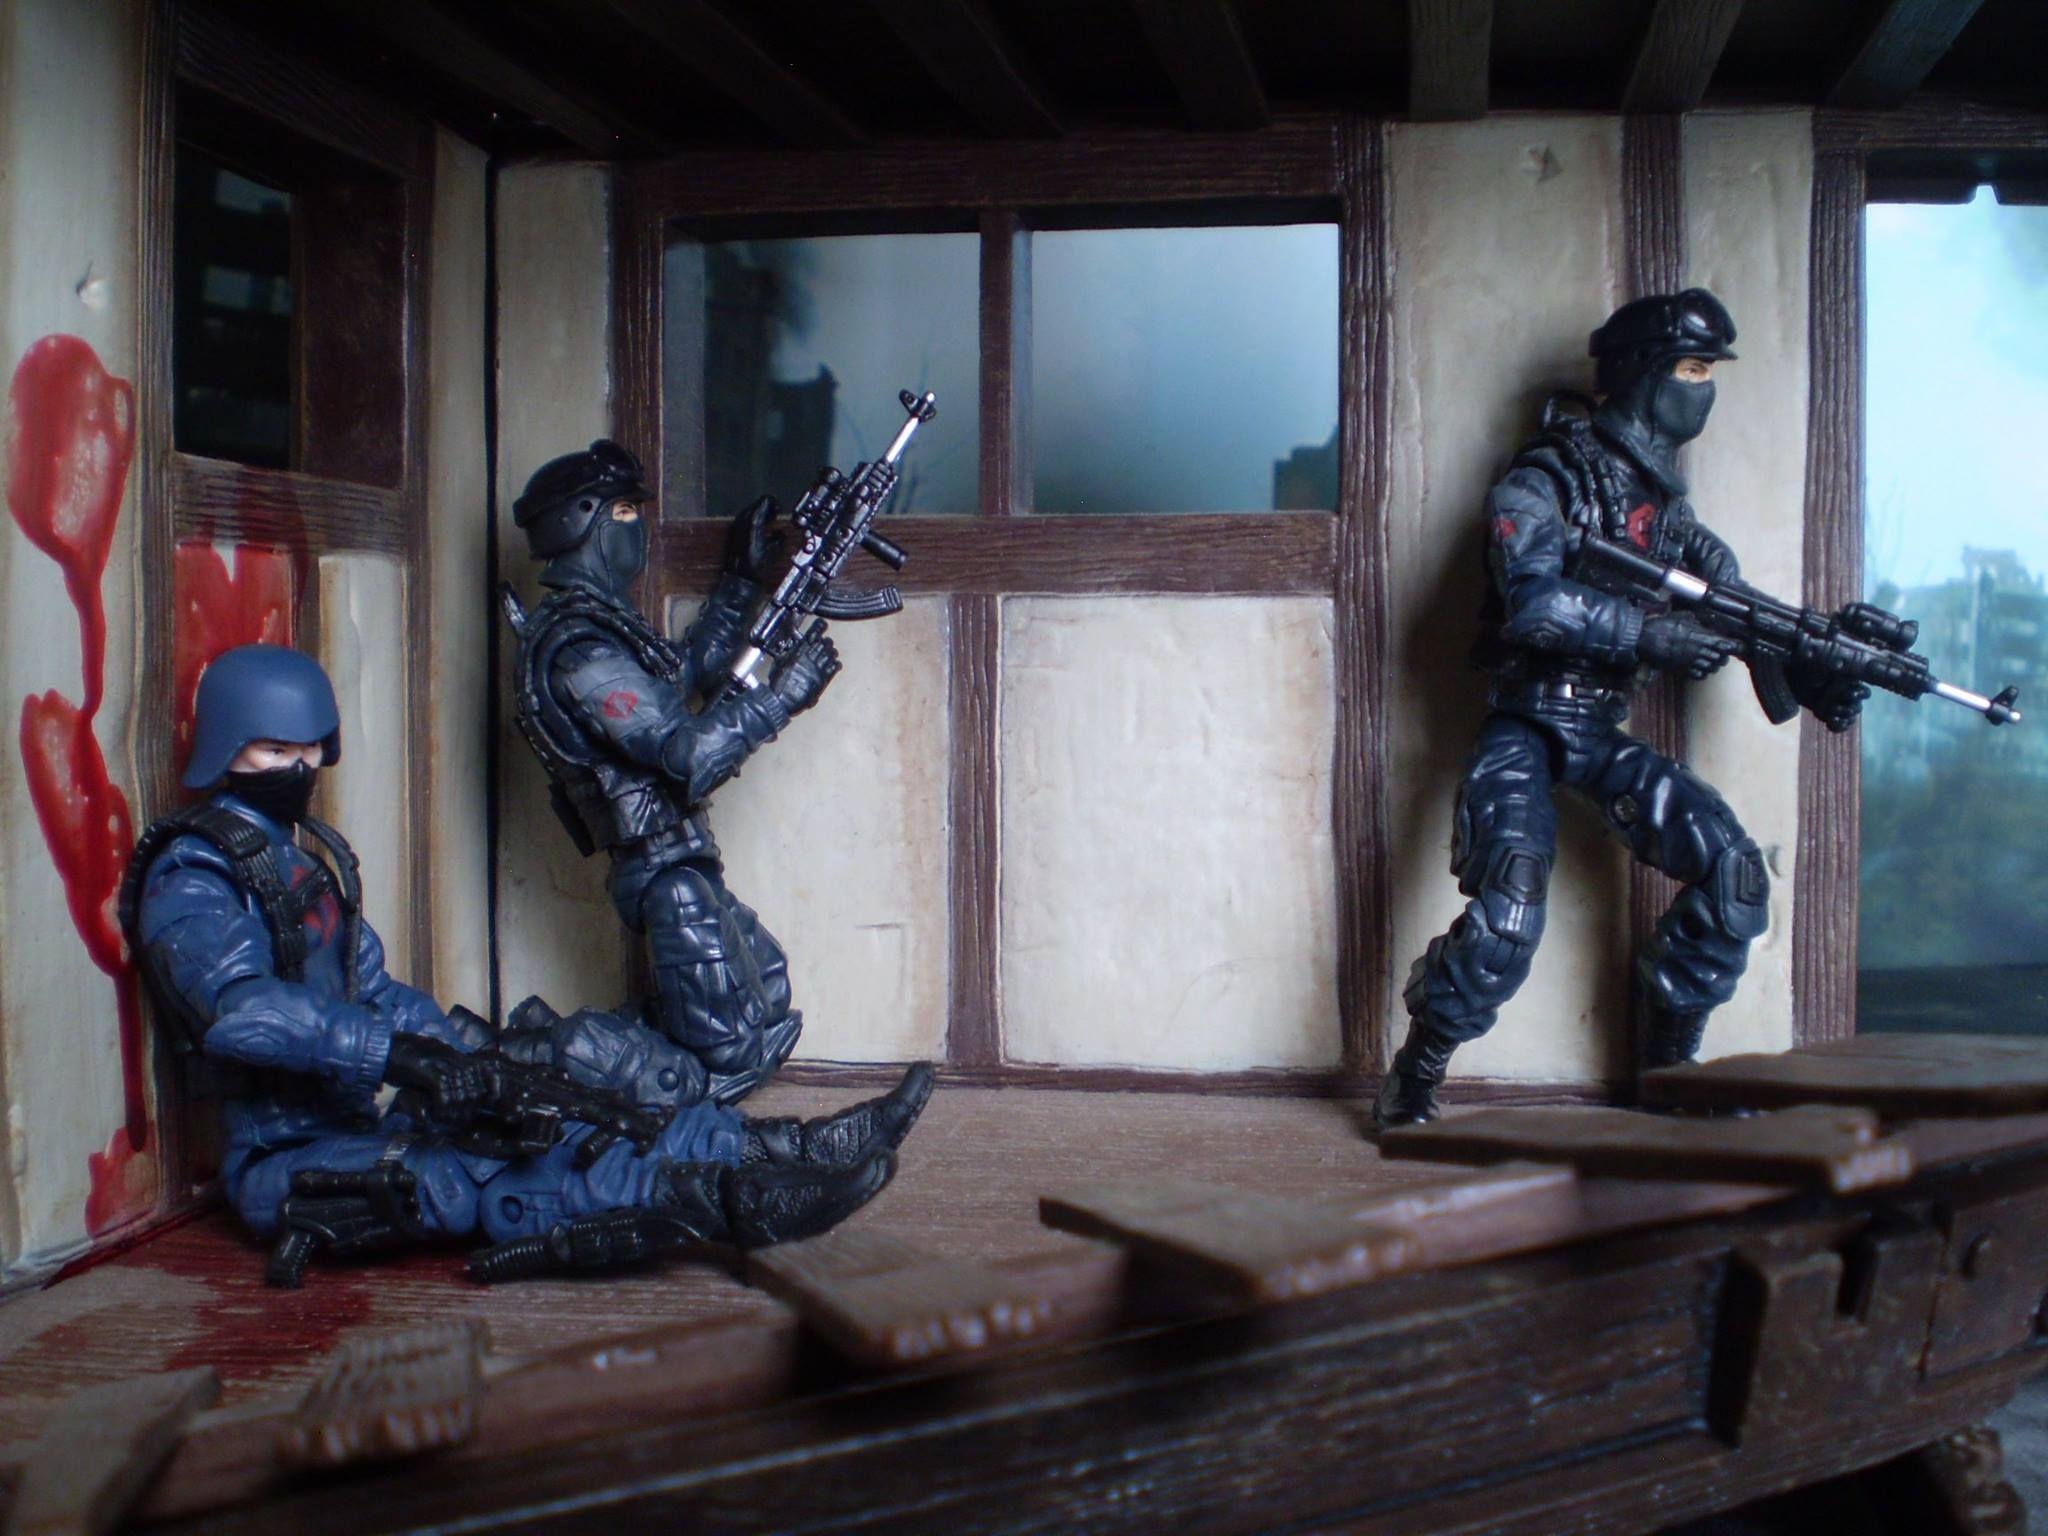 Gi Joe Surprise Attack On Cobra Soilders